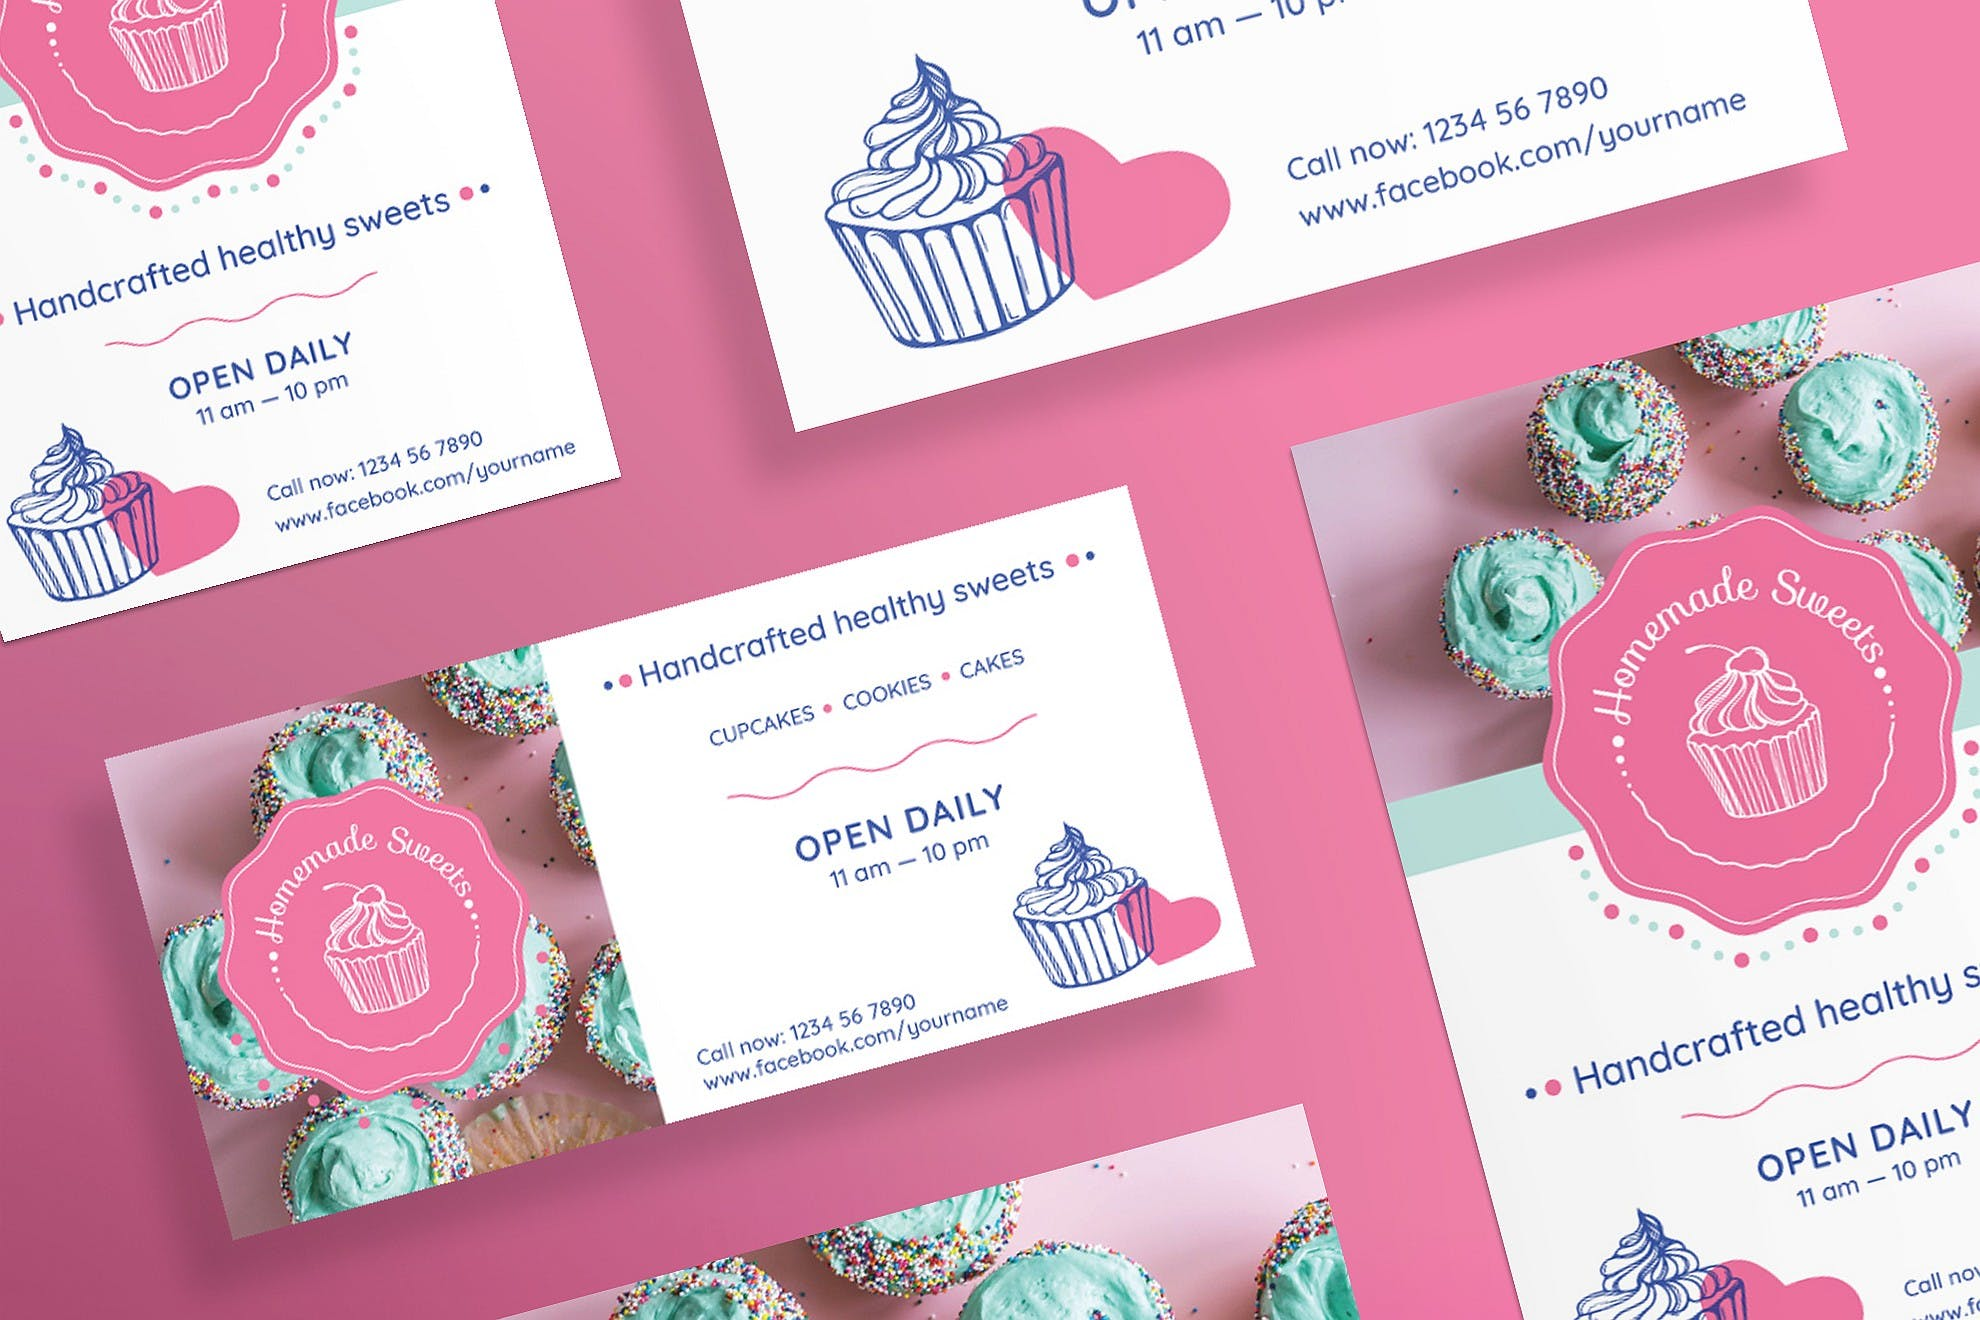 手工制作的糖果传单和海报模板Handcrafted Sweets Flyer and Poster Template